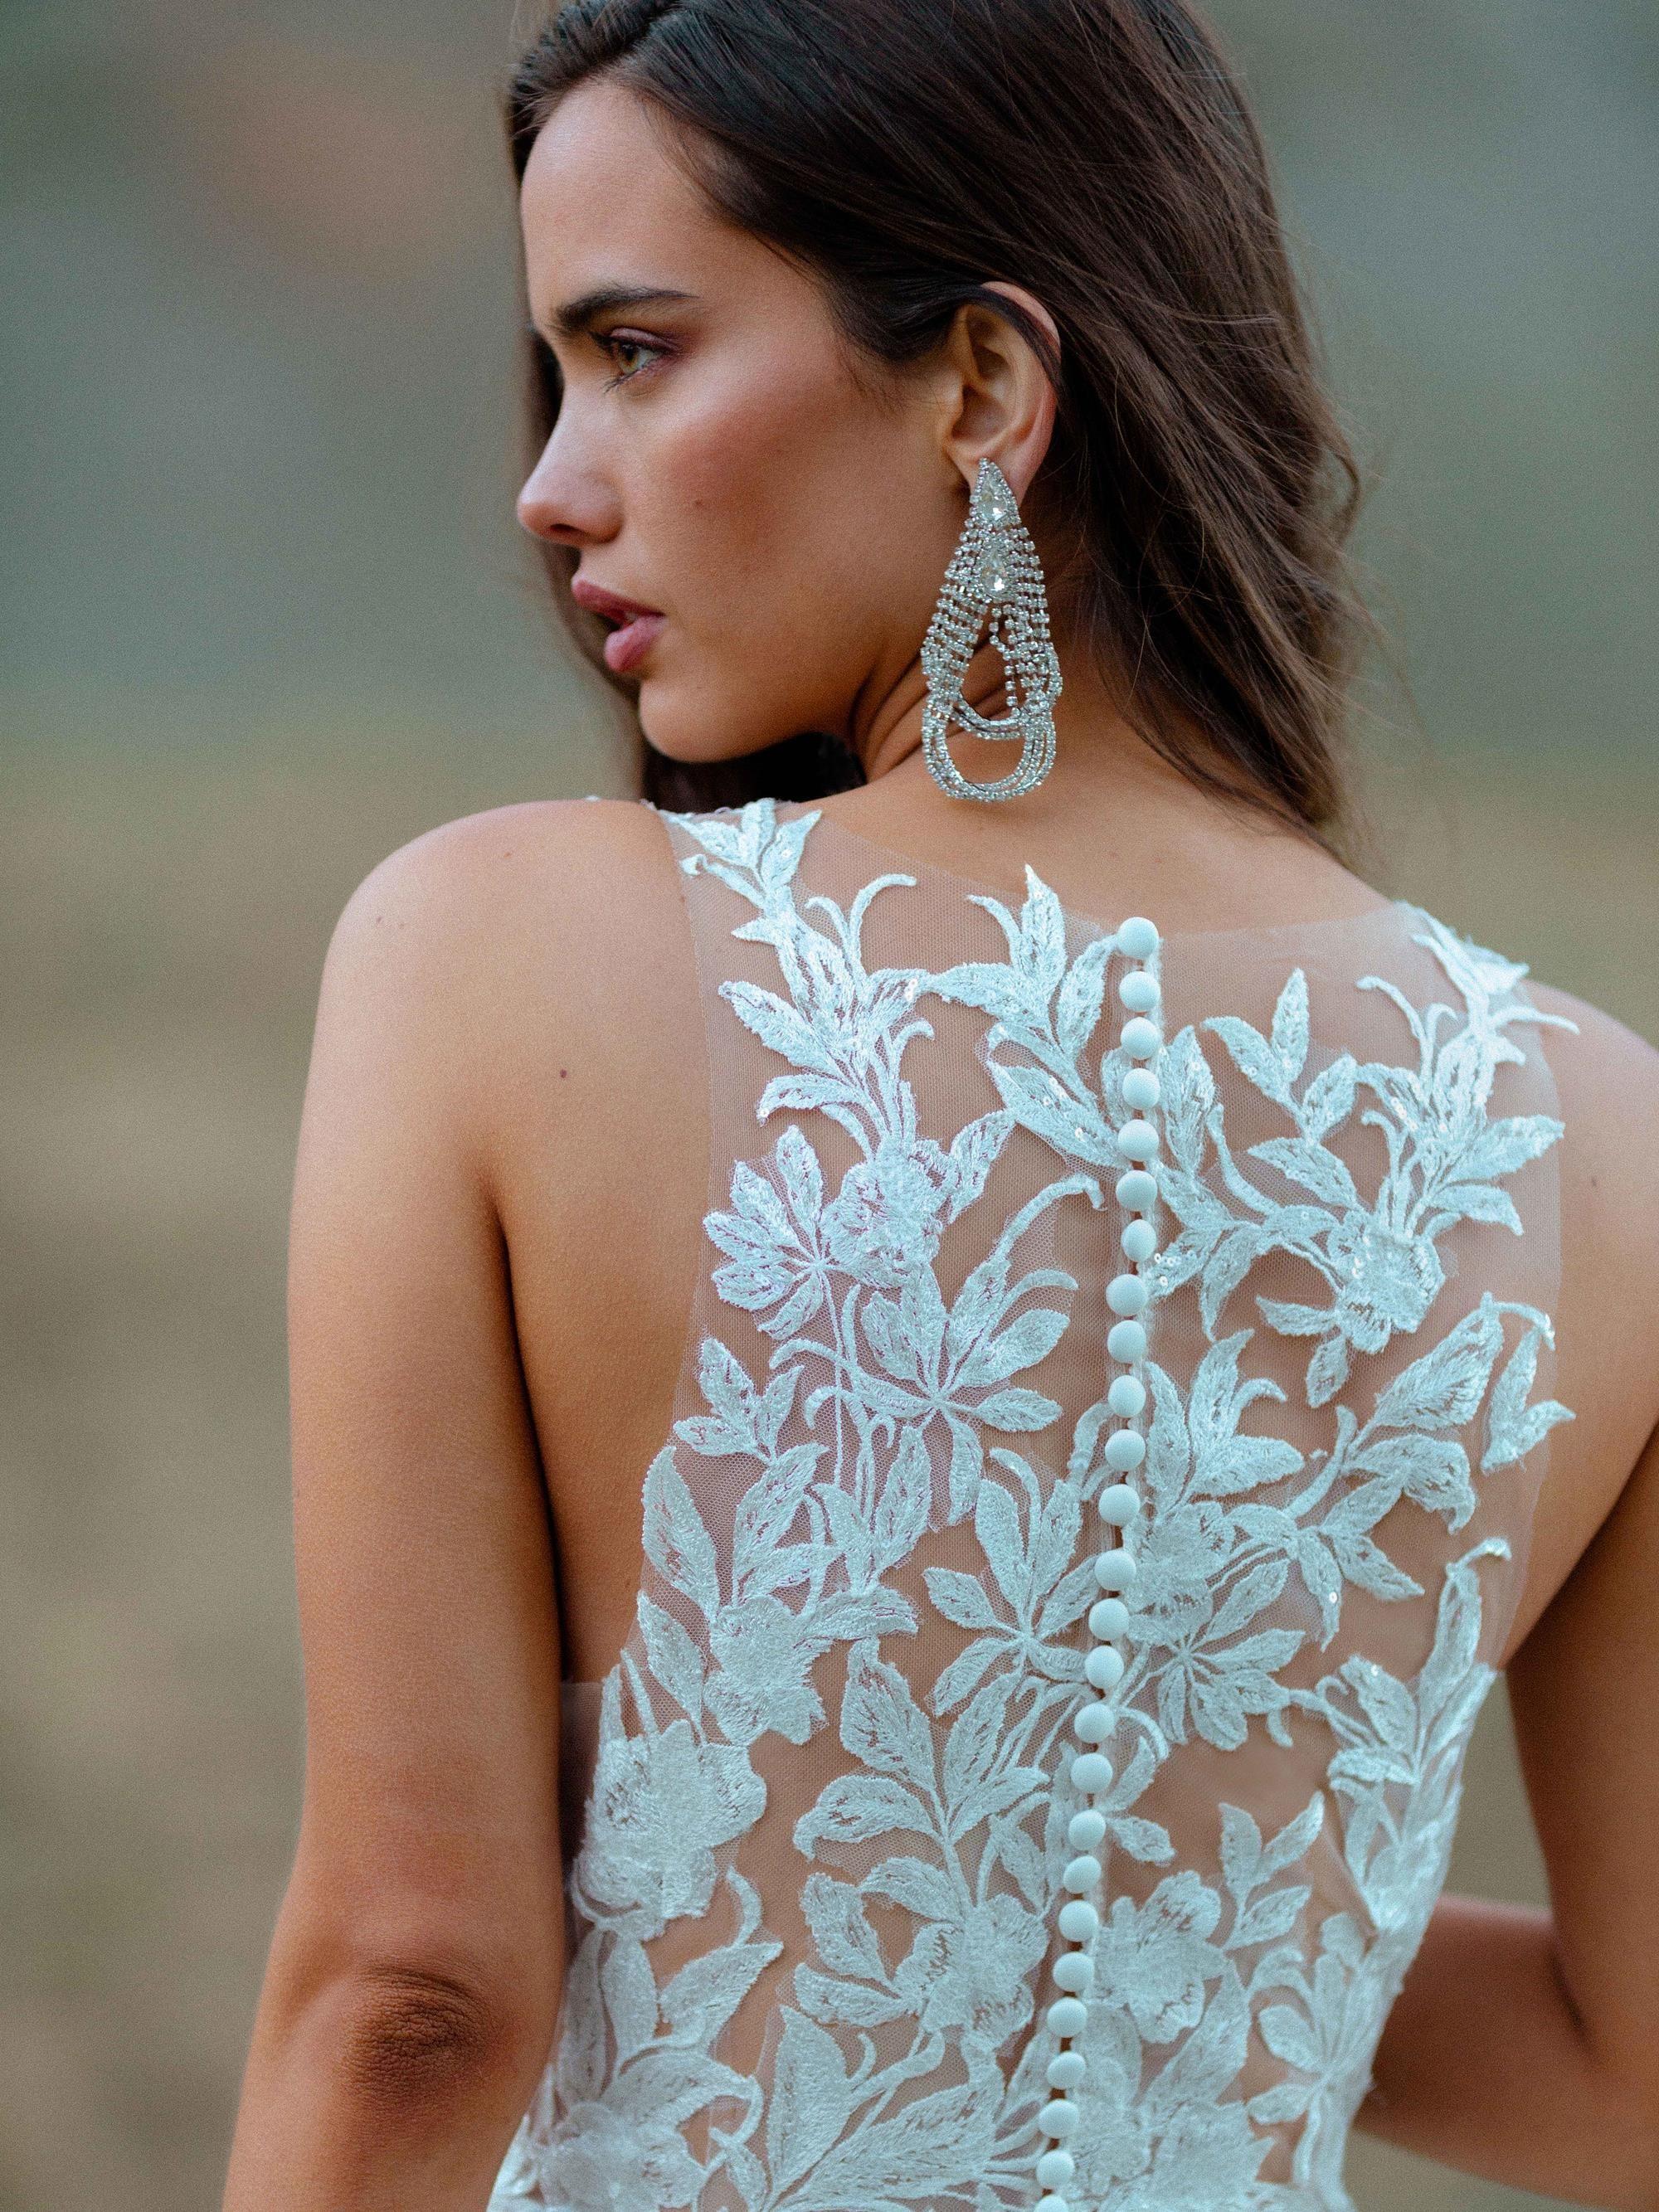 Mi fate vedere i gioielli che indosserete o avete già indossato il giorno del matrimonio? 5